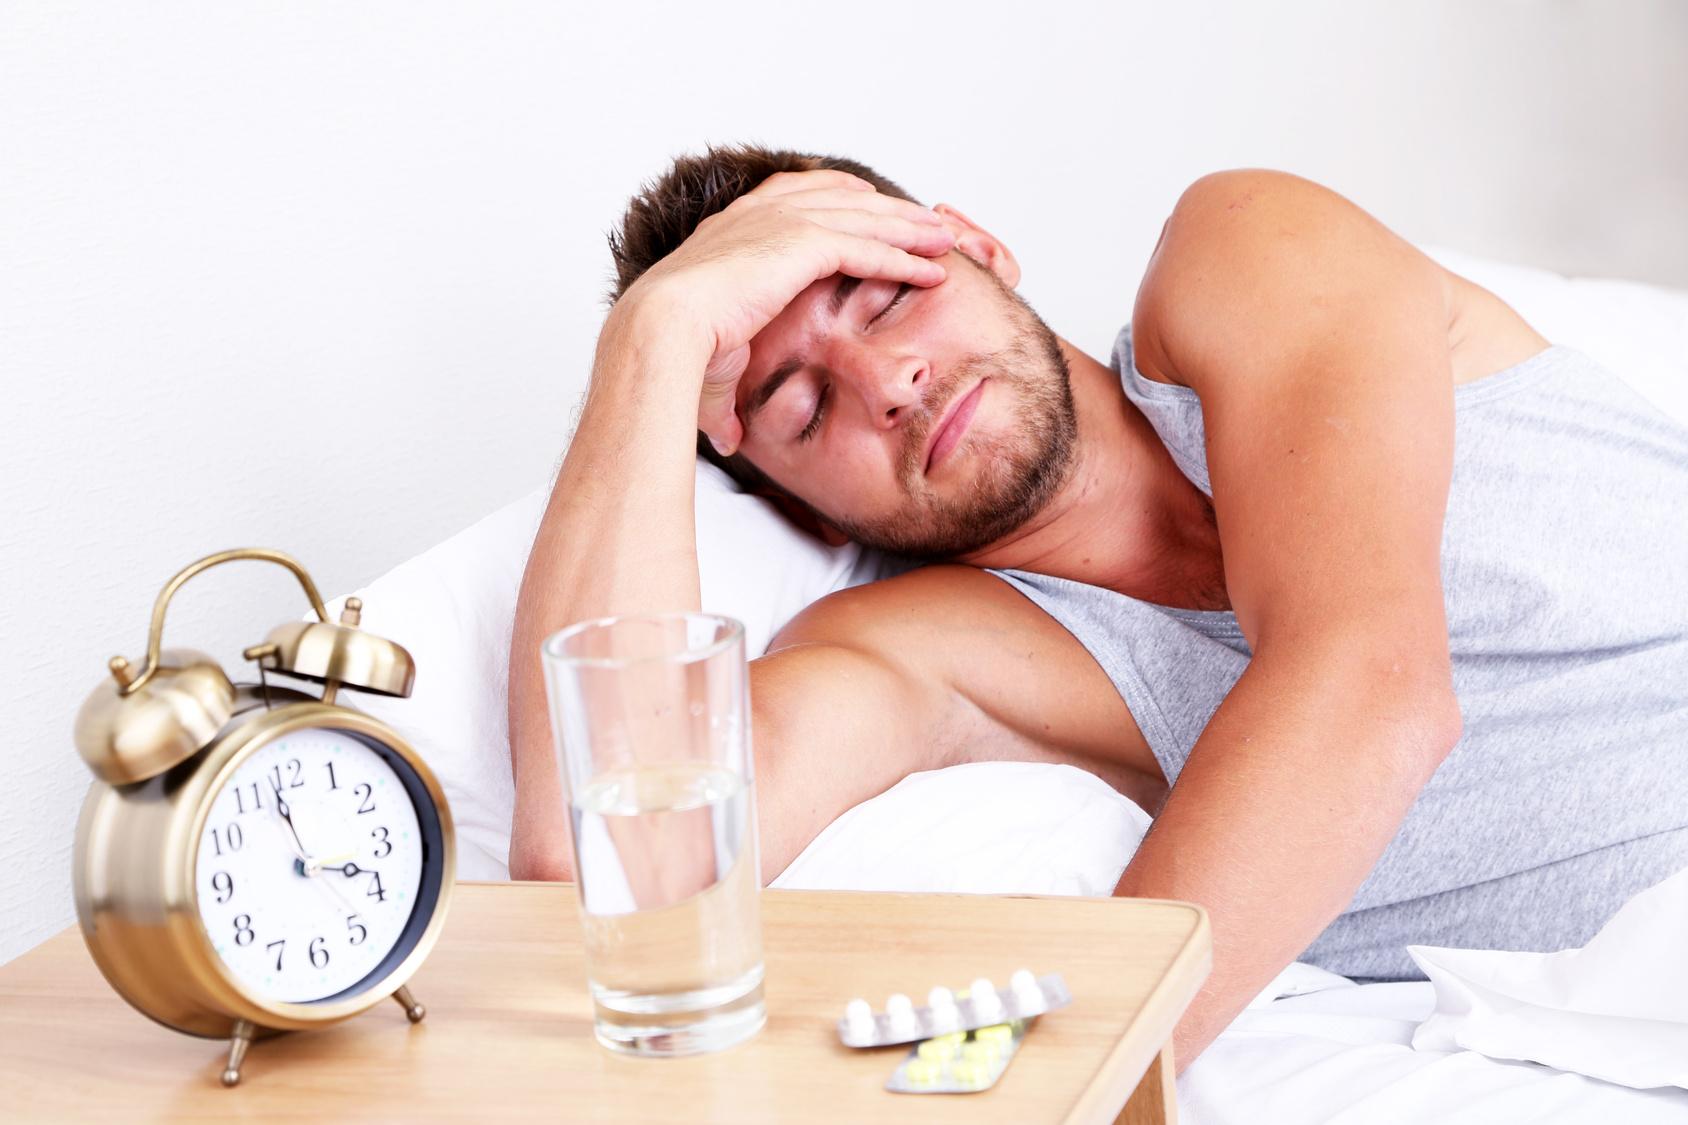 у мужчины болит голова, постельный режим